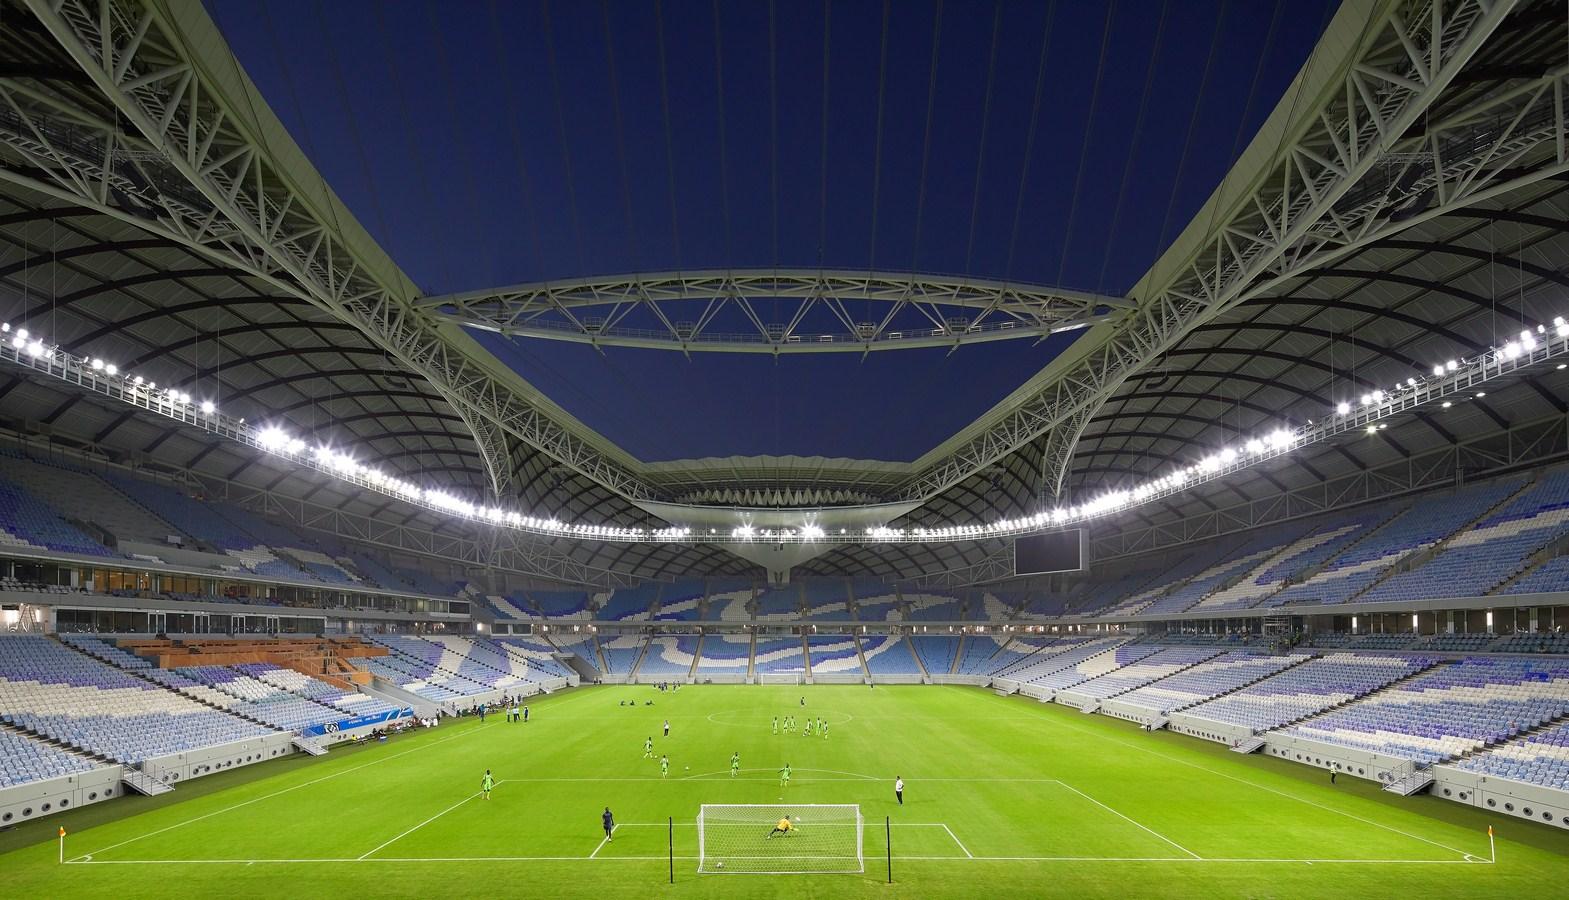 Al Janoub Stadium By Zaha Hadid Architects - Sheet13